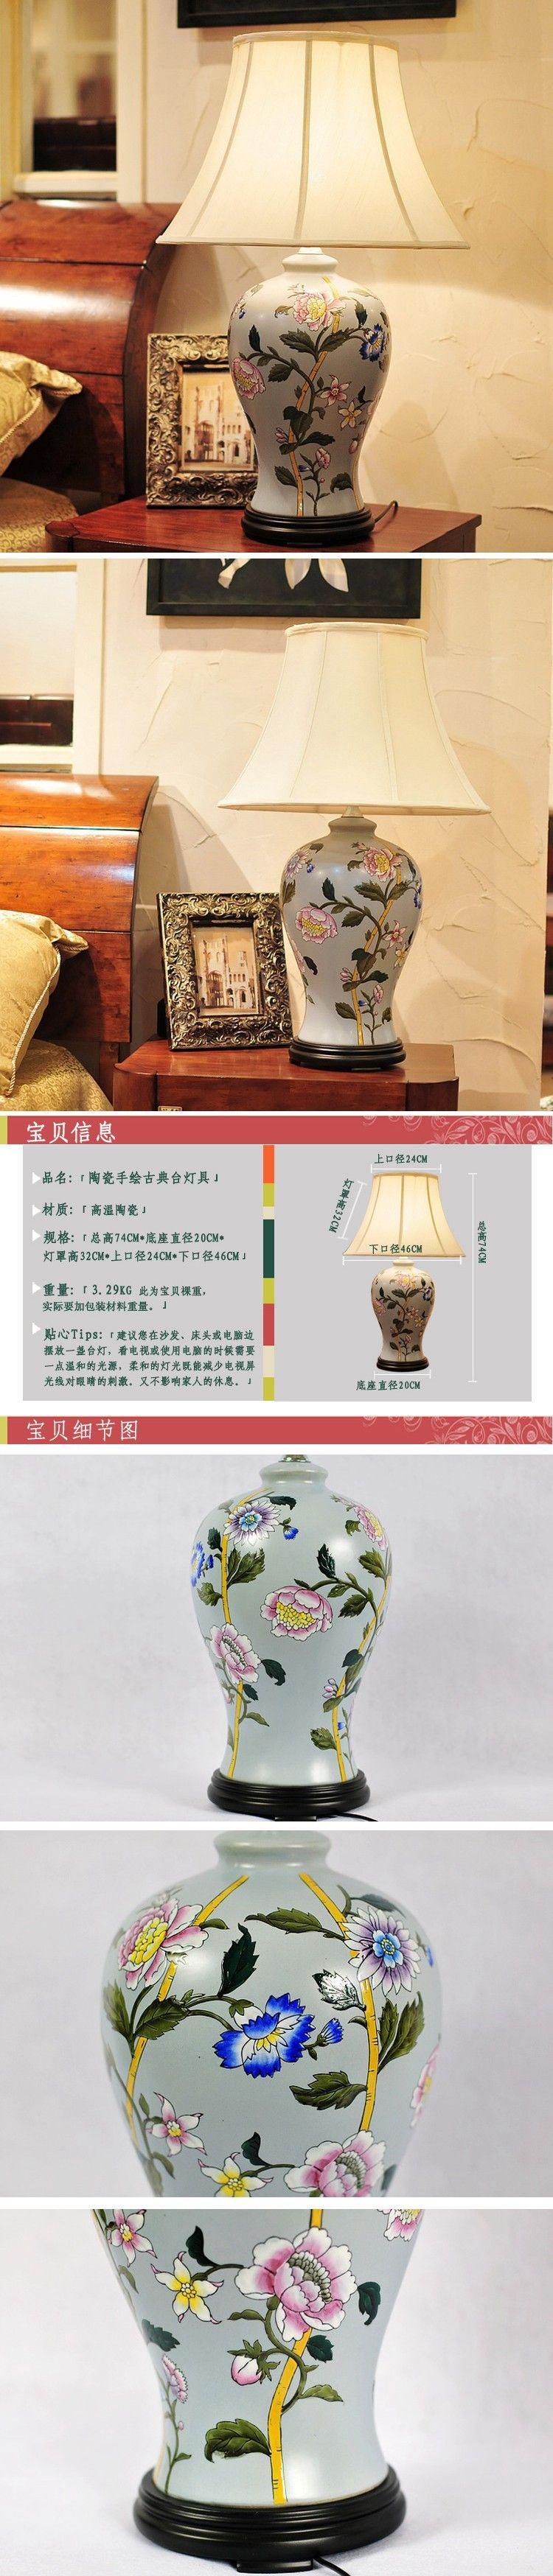 欧式高档家居陶瓷手绘装饰台灯具